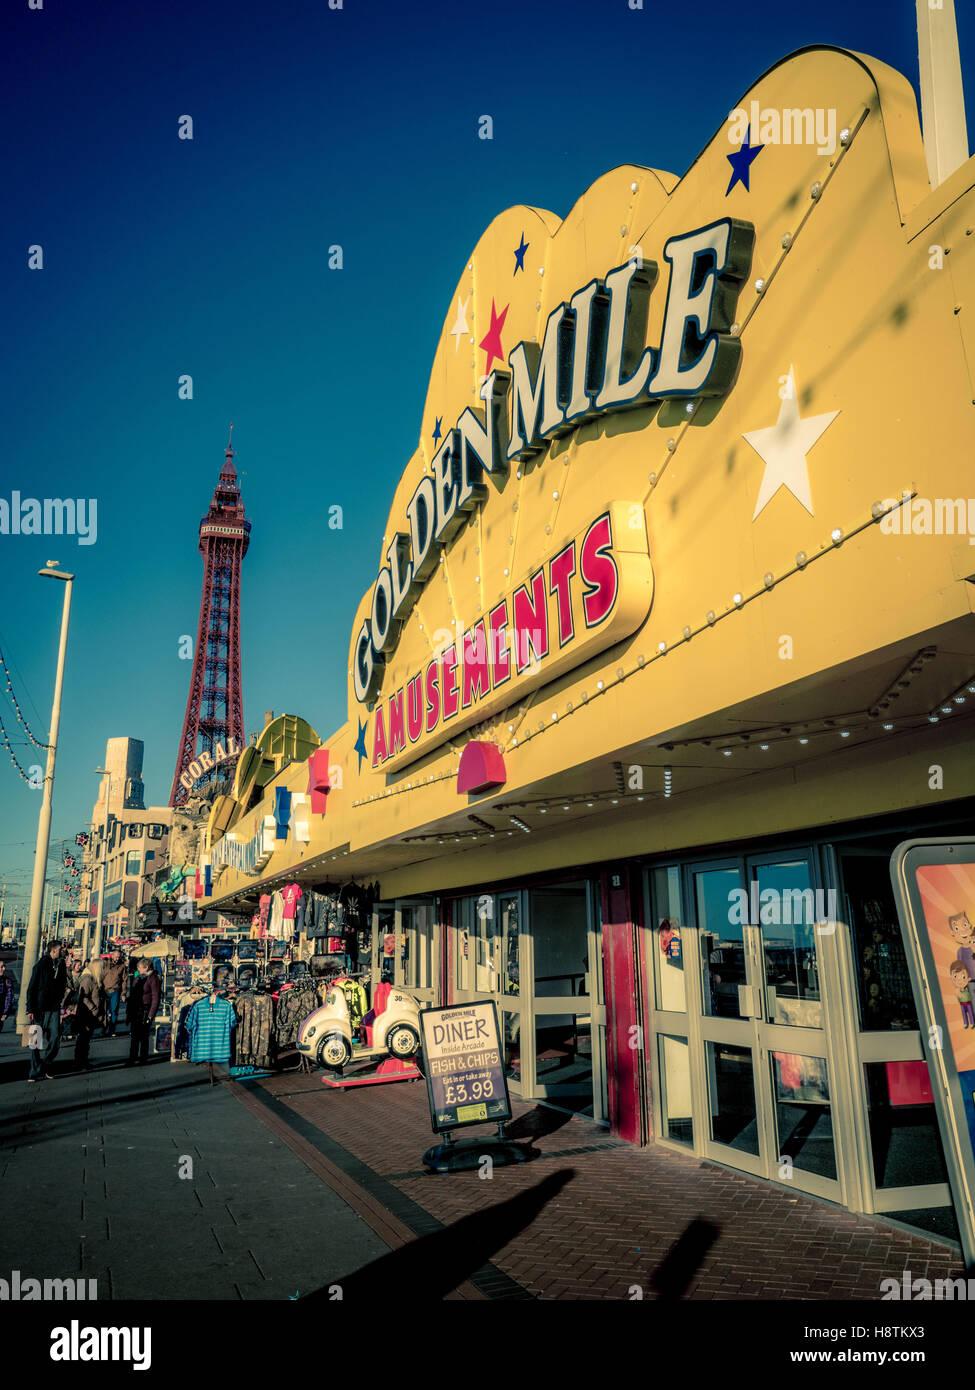 Golden Mile de jeux électroniques signe sur front de mer, Blackpool, Lancashire, Royaume-Uni. Photo Stock